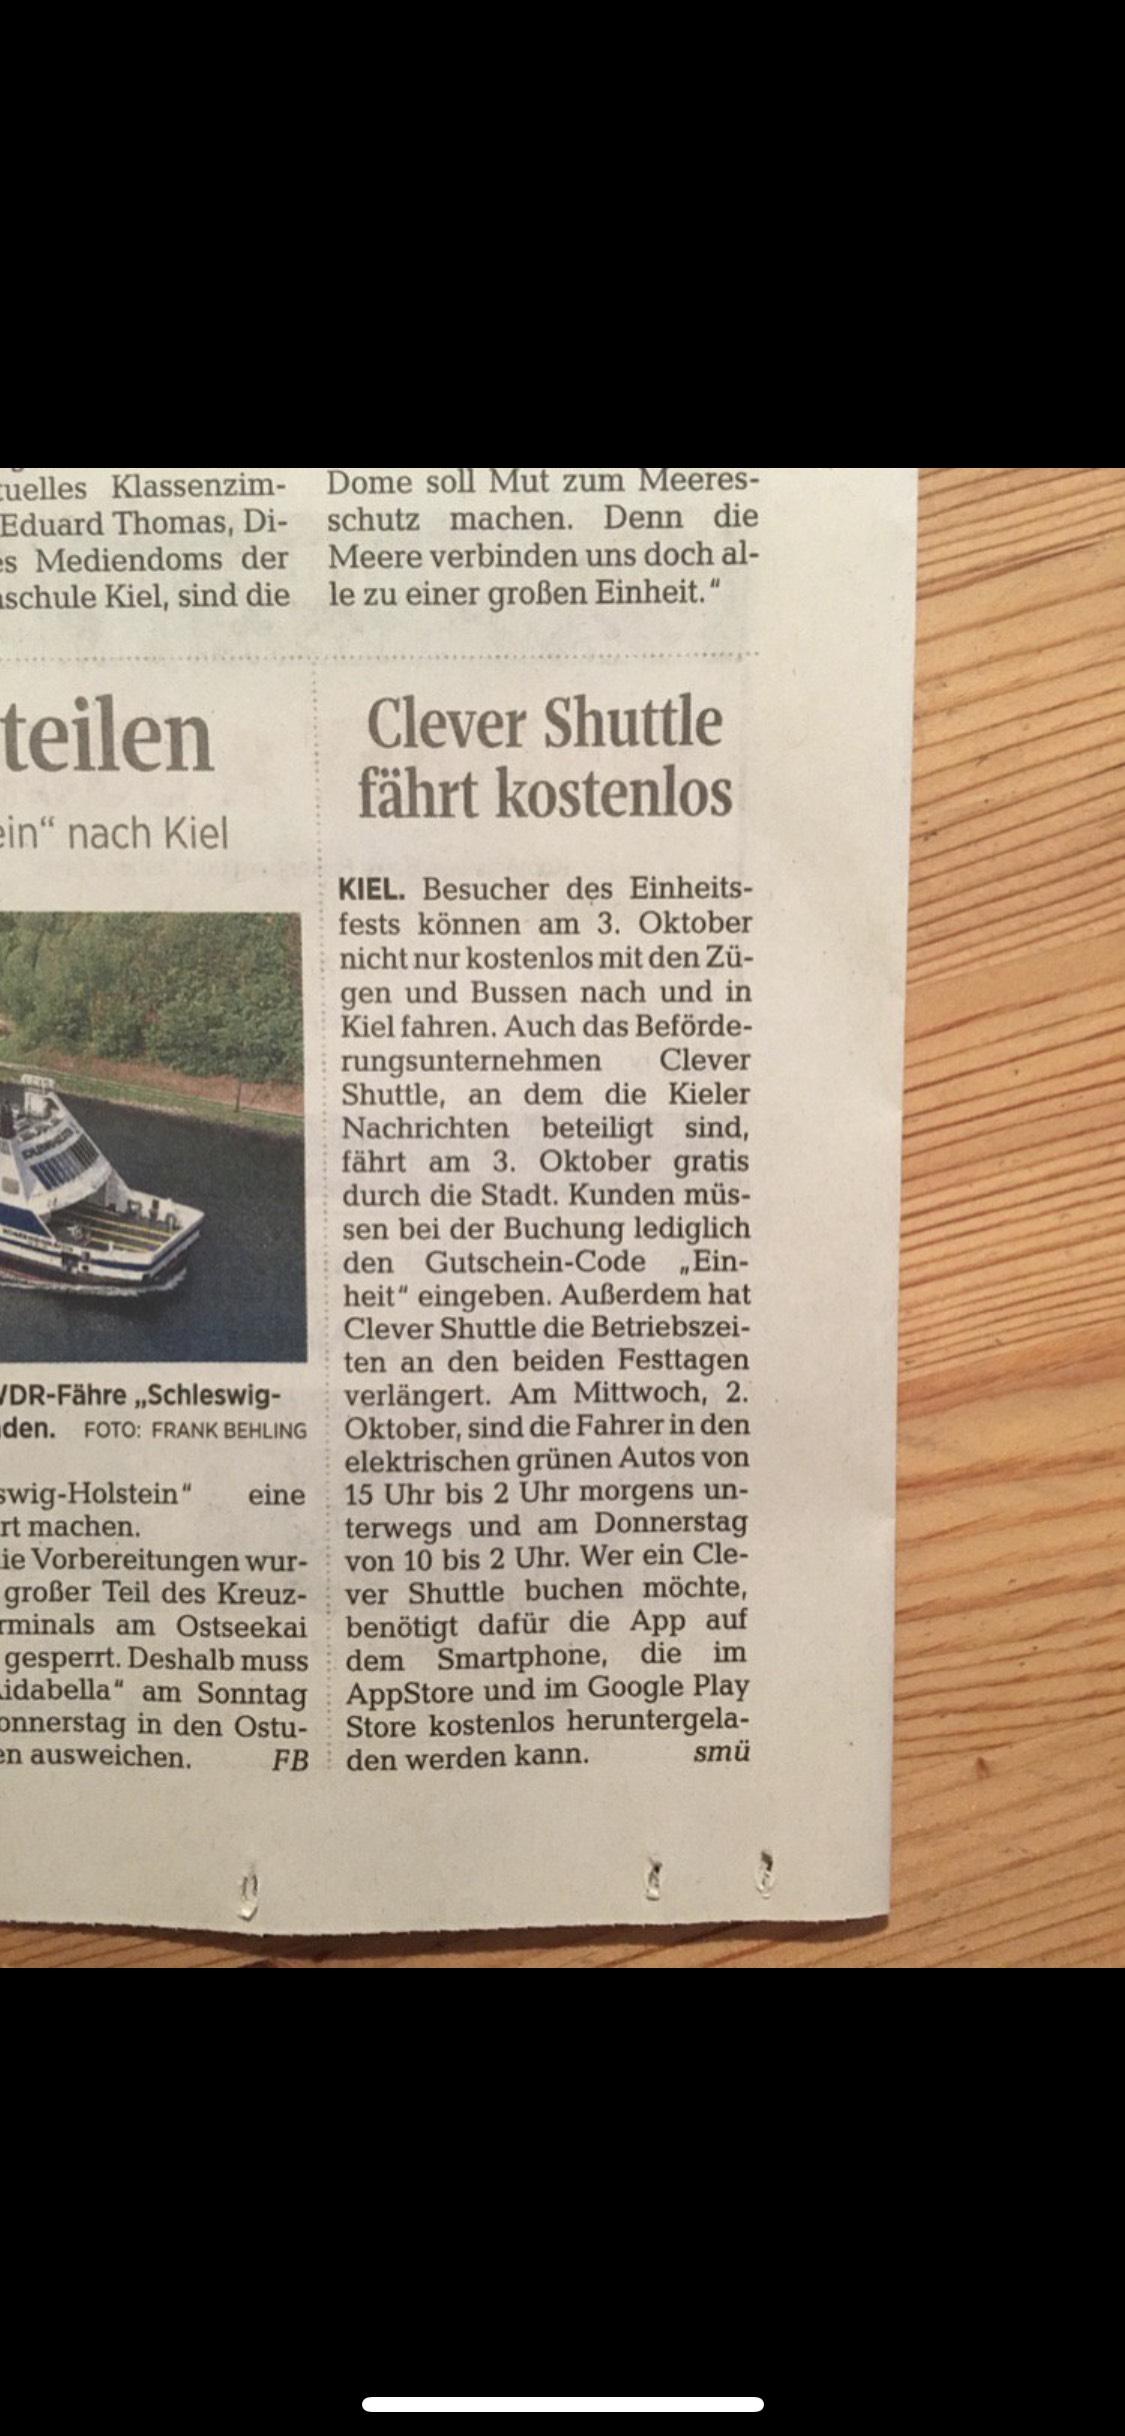 [Lokal] CleverShuttle Kiel ganzen Tag kostenlos fahren